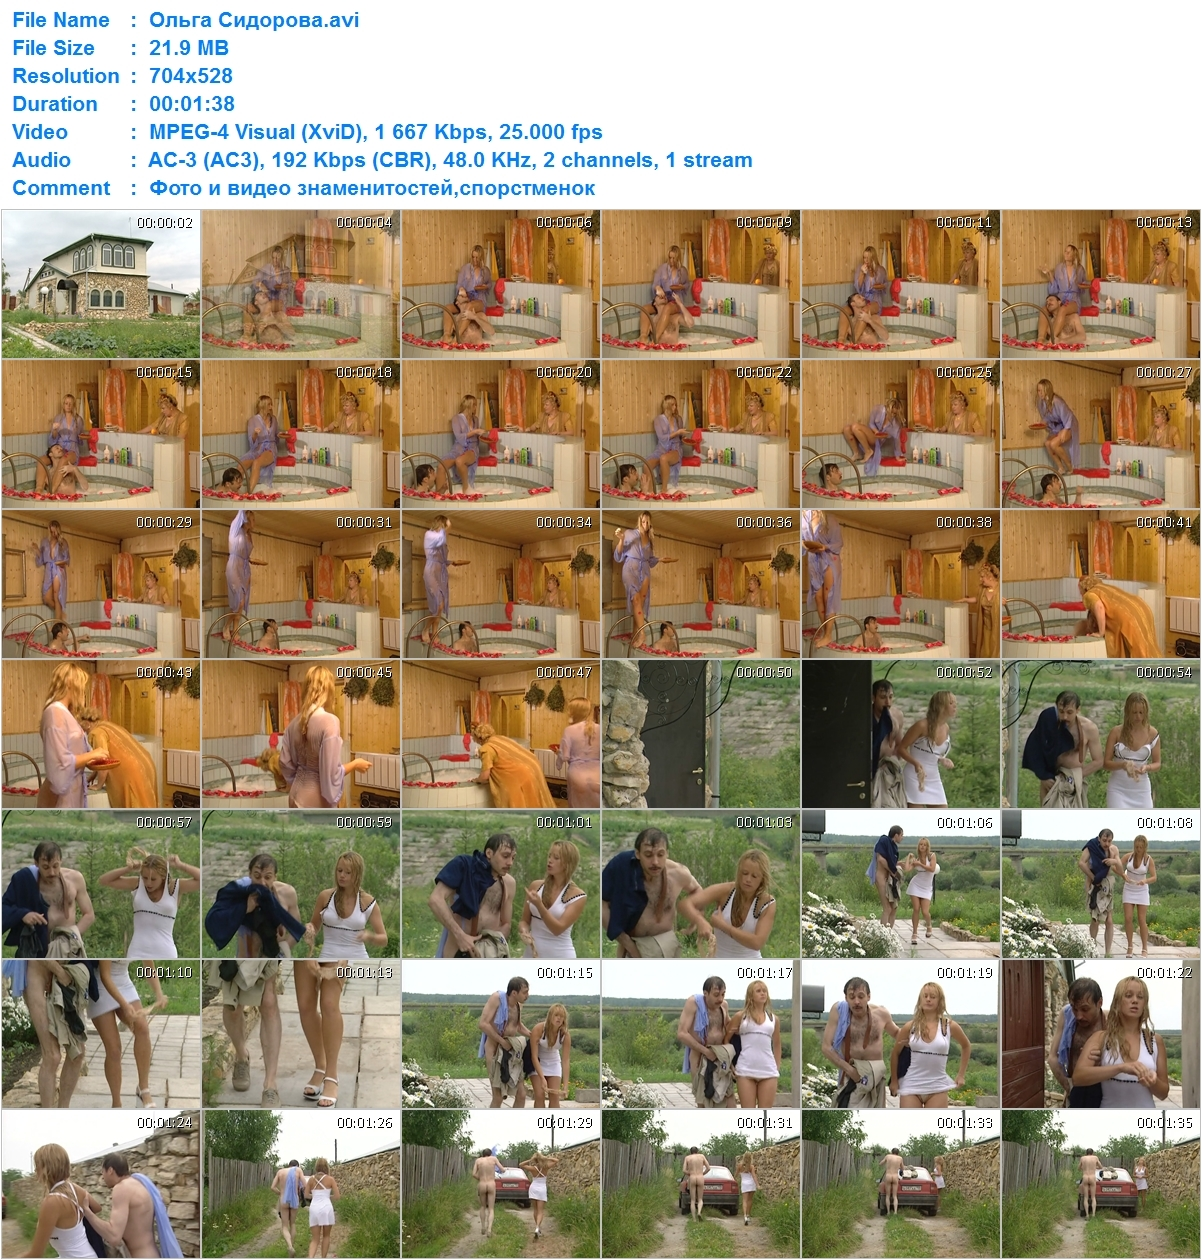 http://i3.imageban.ru/out/2011/02/19/bec410e5e8137a72ac4b3303569ef467.jpg